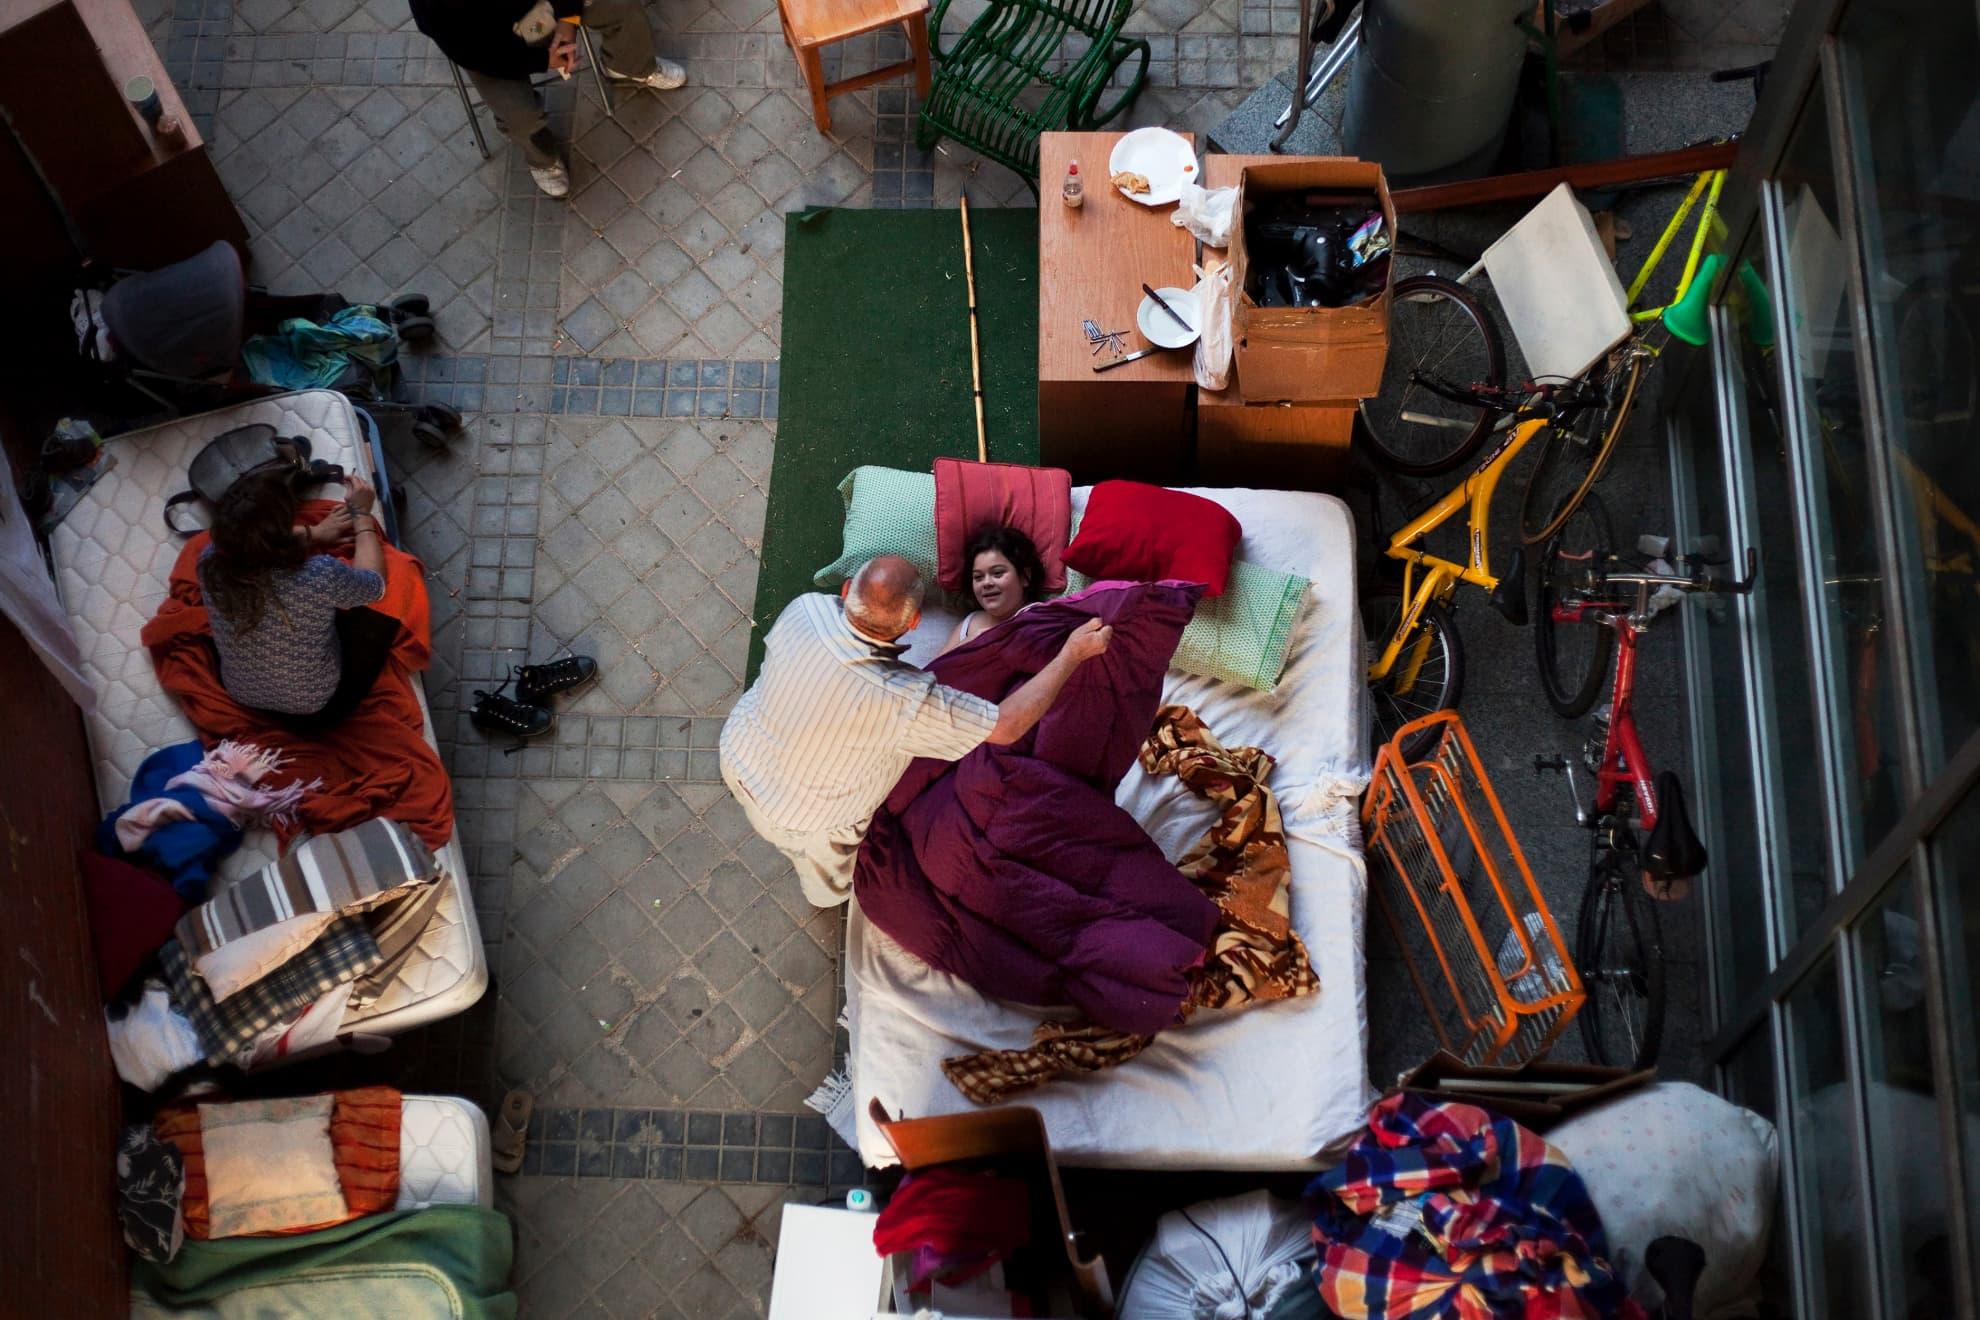 Efrén González, de 68 años, tapa a su nieta, que duerme en la calle tras haber sido desahuciados en Madrid el 26 de septiembre de 2013. Efrén Rodríguez González y los seis miembros de su familia vivieron en un piso de la EMVS (Empresa Municipal de la Vivienda y Suelo) durante 24 años y su deuda ascendía a 1.200 euros.